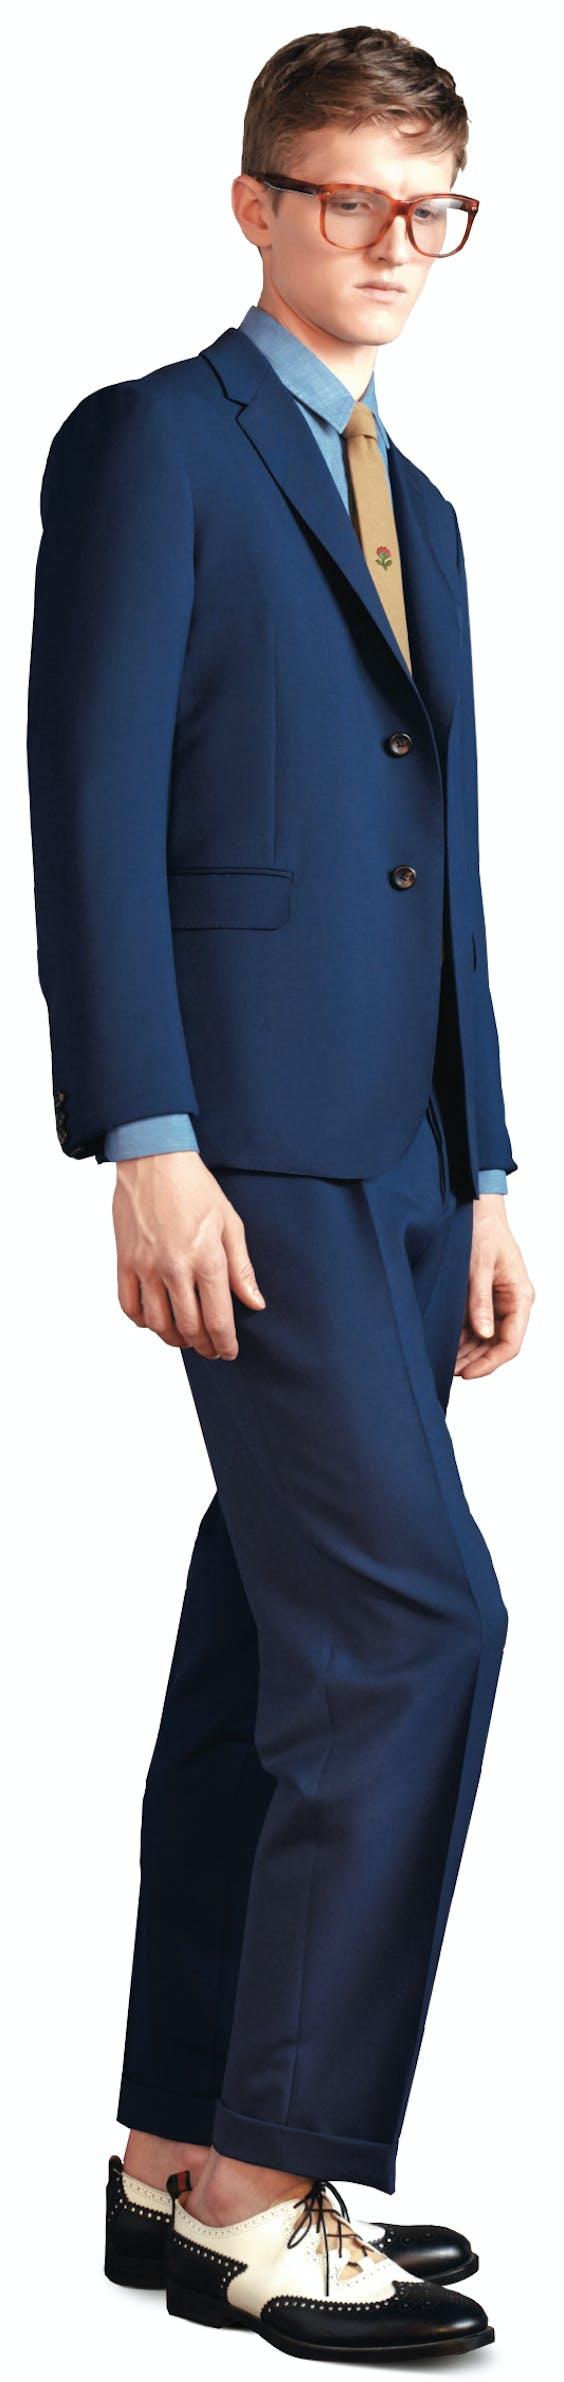 Dot Print Selvage Monaco Suit.